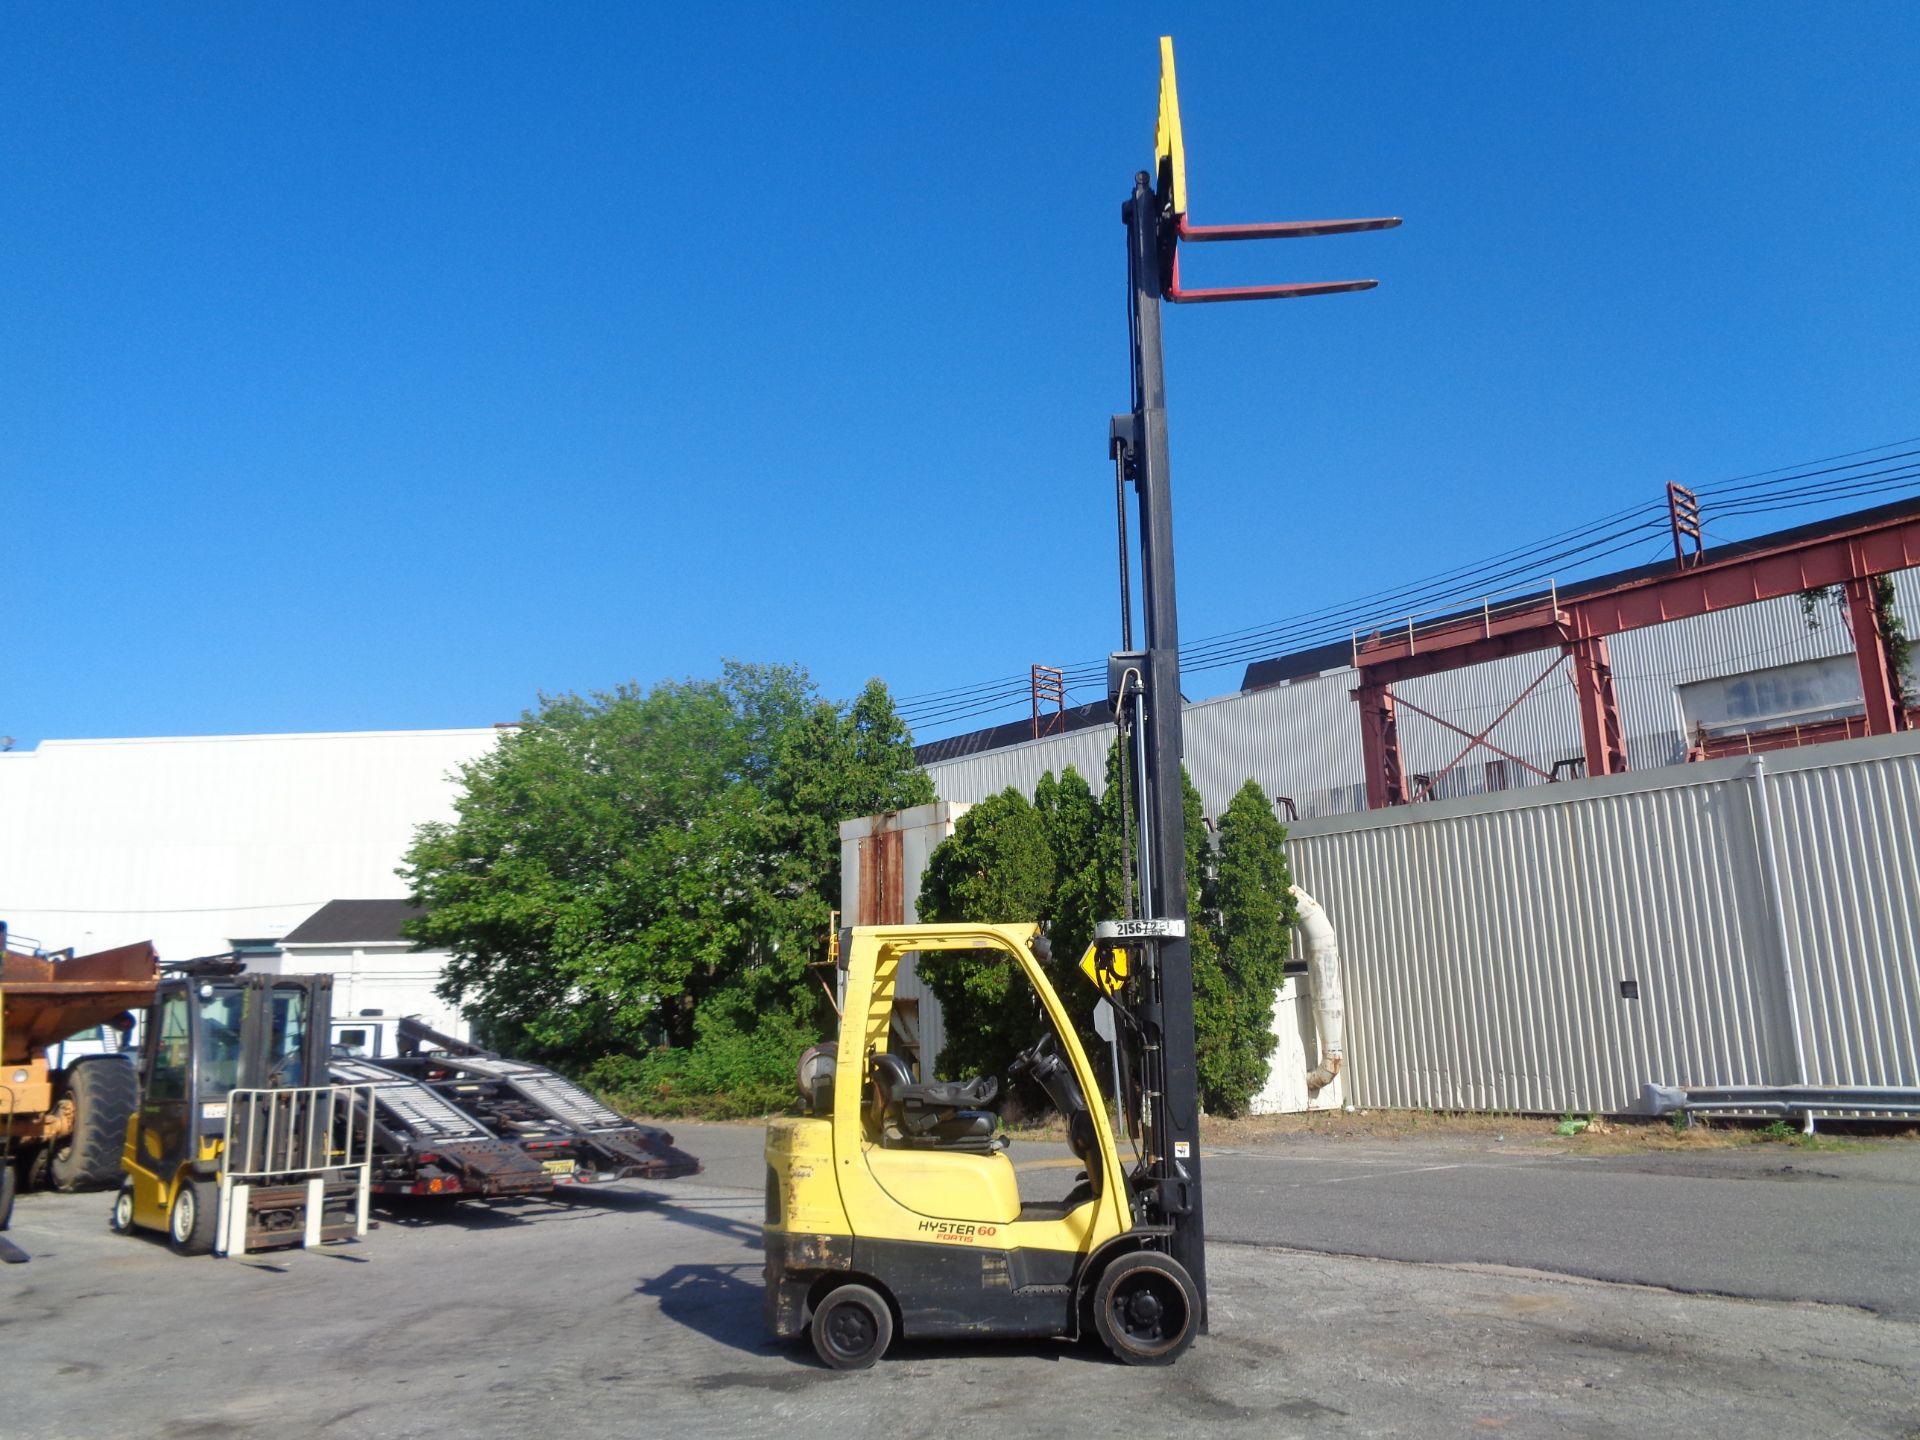 2012 Hyster S60FT 6,000lb Forklift - Quad Mast - Image 11 of 13